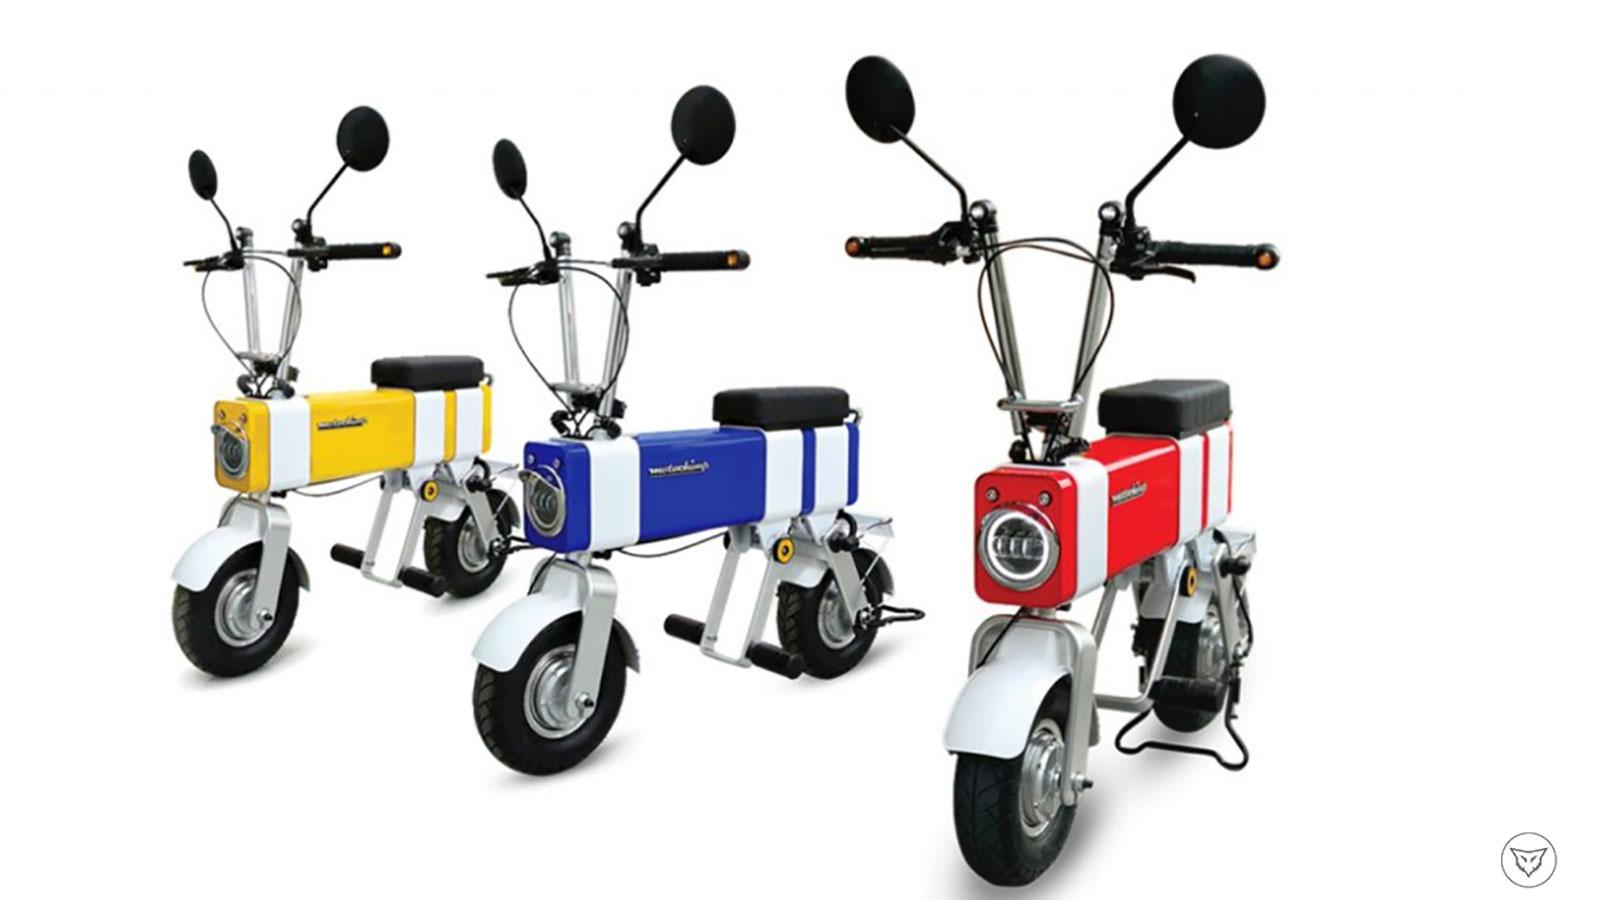 电单车中的色彩运用给人以新潮的视觉感受